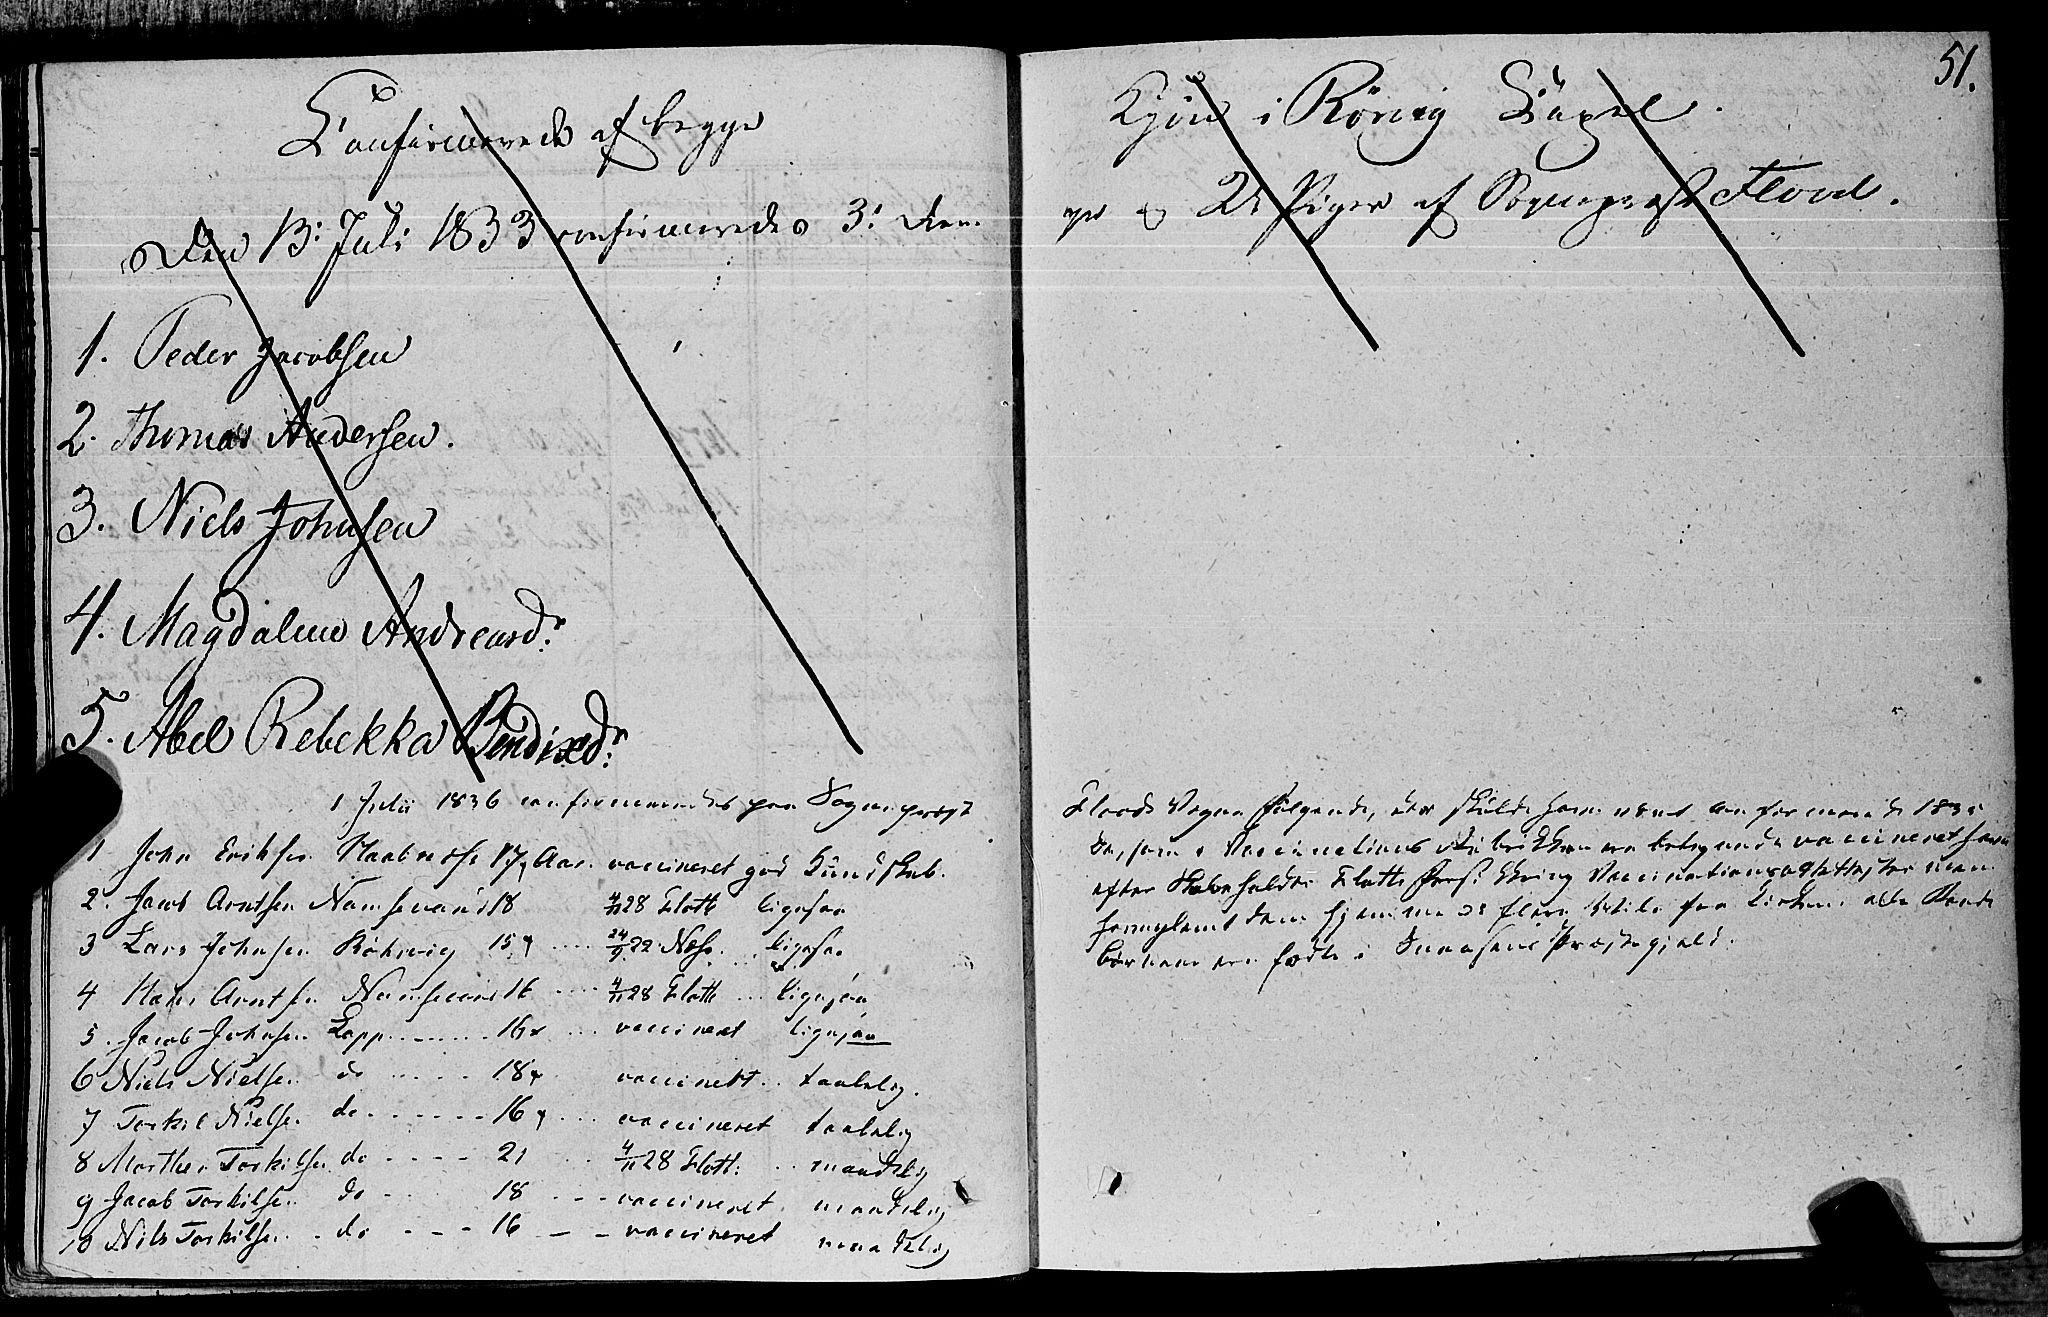 SAT, Ministerialprotokoller, klokkerbøker og fødselsregistre - Nord-Trøndelag, 762/L0538: Ministerialbok nr. 762A02 /1, 1833-1879, s. 51